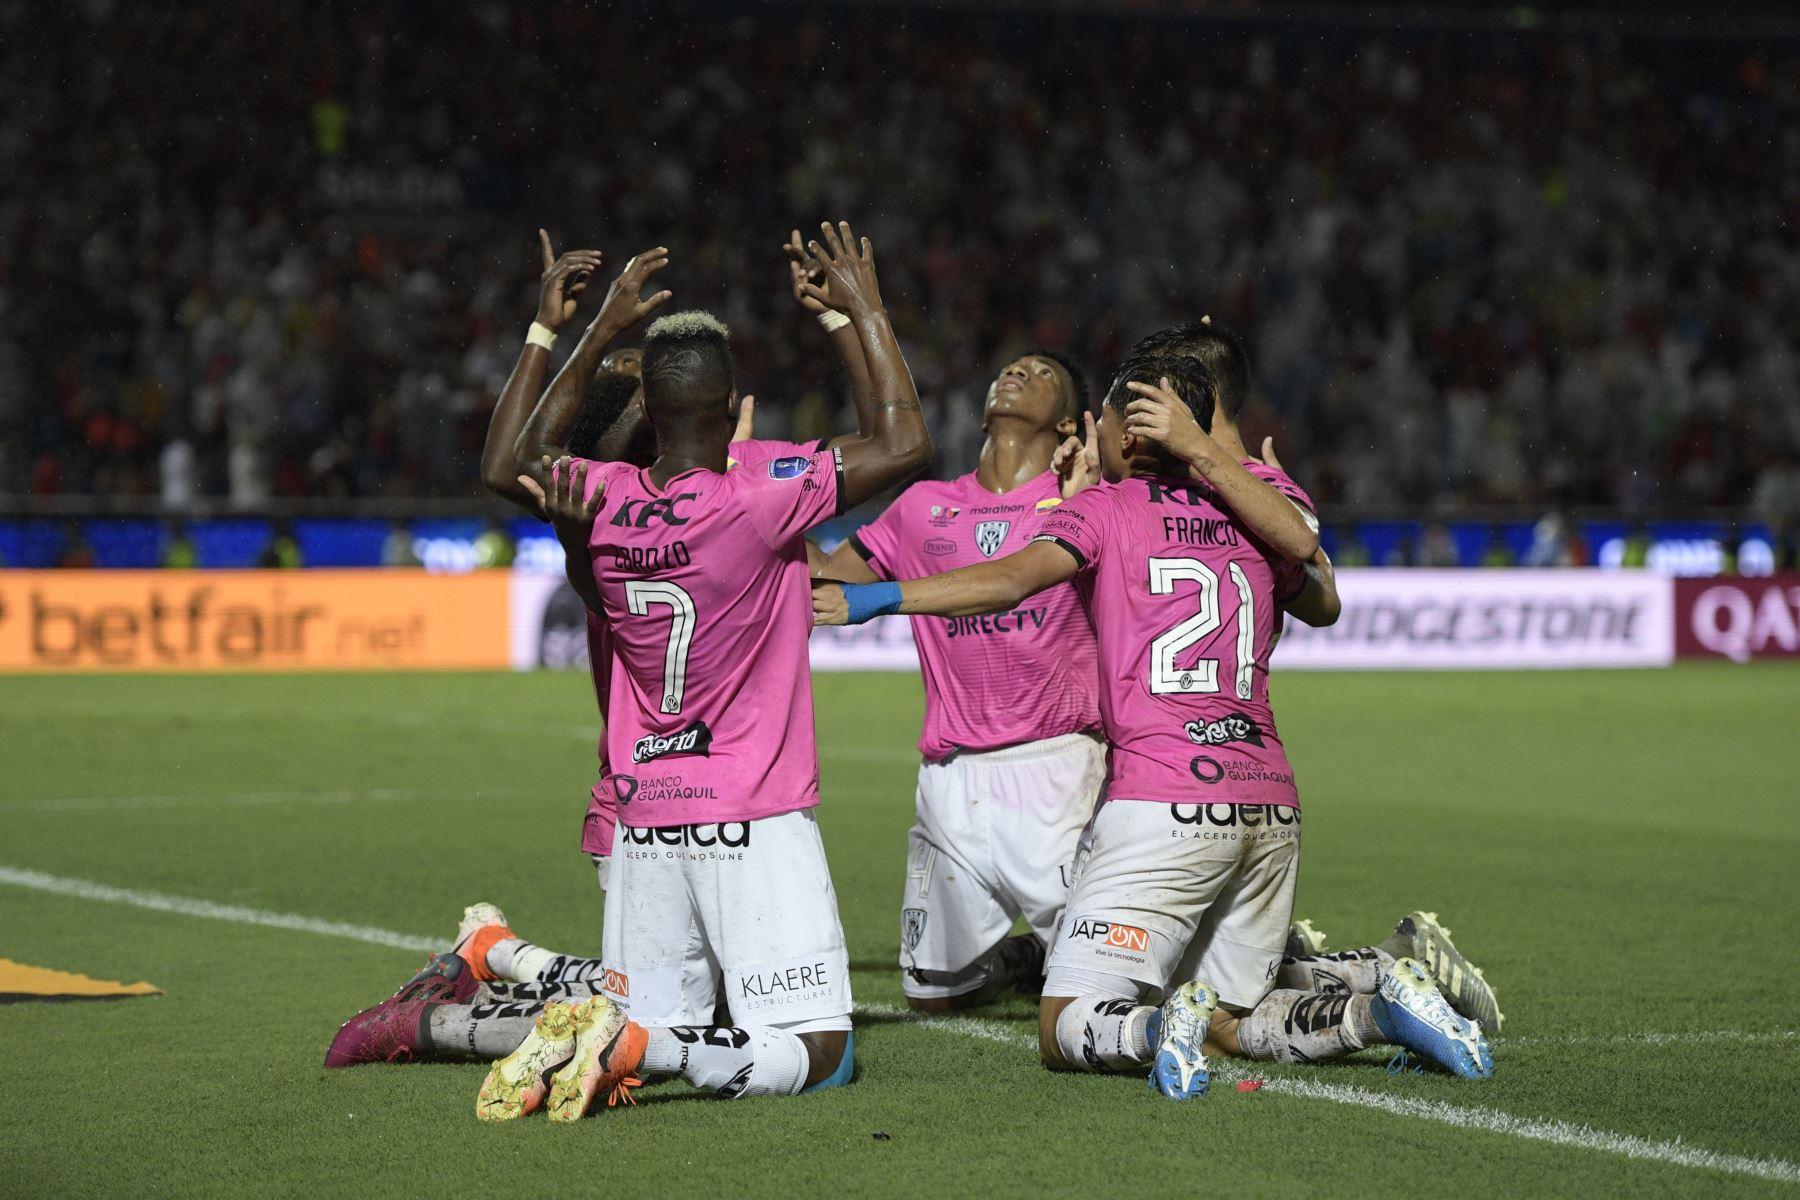 Los jugadores del Independiente del Valle de Ecuador celebran después de derrotar al Colón de Santa Fe de Argentina para ganar el partido de fútbol final de la Copa Sudamericana. AFP